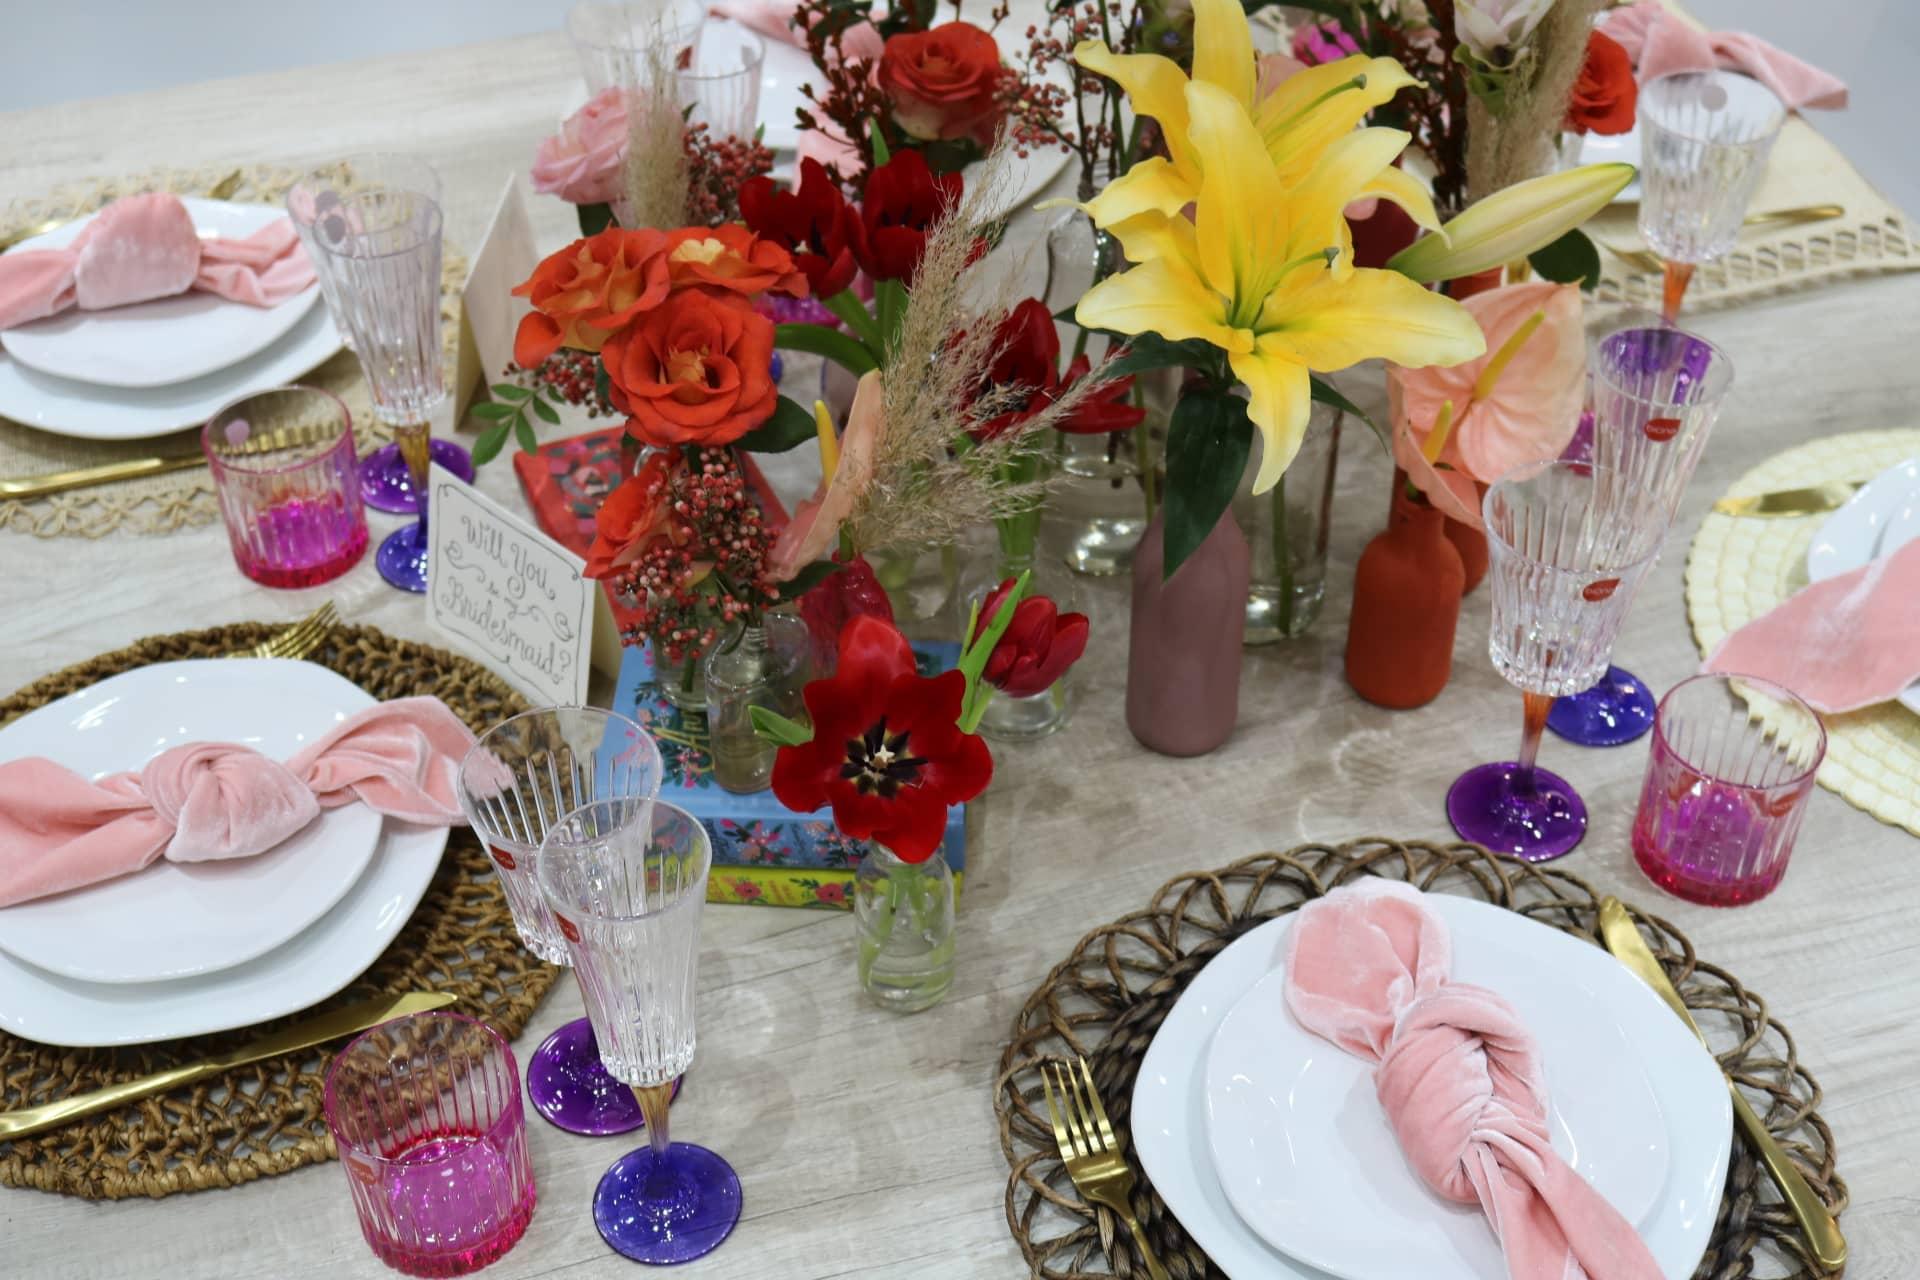 Imagem: Flores sortidas, e taças de várias cores, criam o clima festivo da mesa. A louça branca, Ryo White da linha Oxford Porcelanas, equilibra o conjunto com suas formas sinuosas. Foto: Lorena Baroni Bosio.